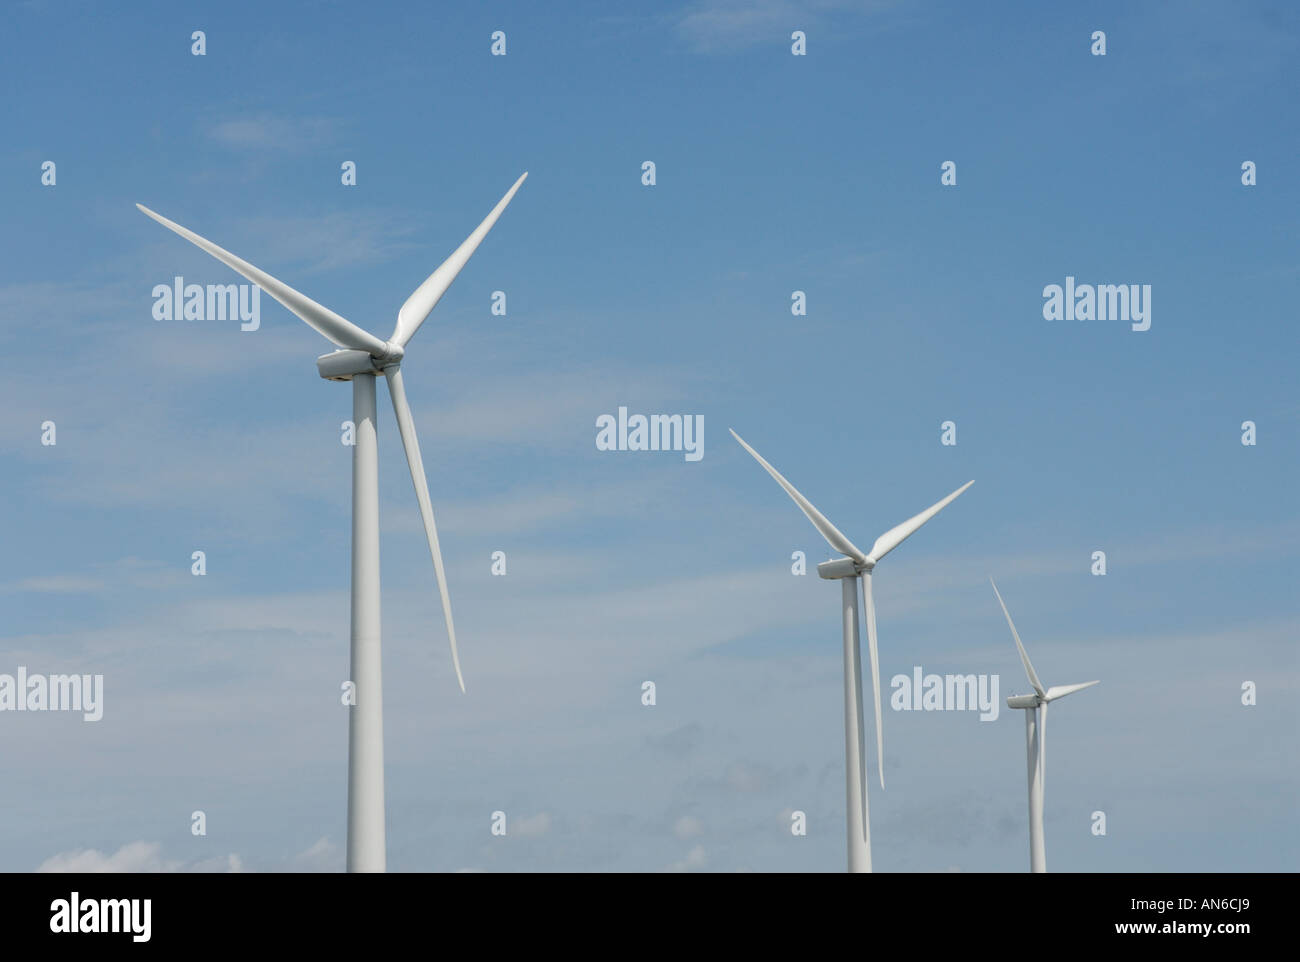 """Tres aerogeneradores, cerca de blades, contra el cielo azul. """"La energía eólica parque eólico turbinas de energía alternativa, renwable energy. Imagen De Stock"""